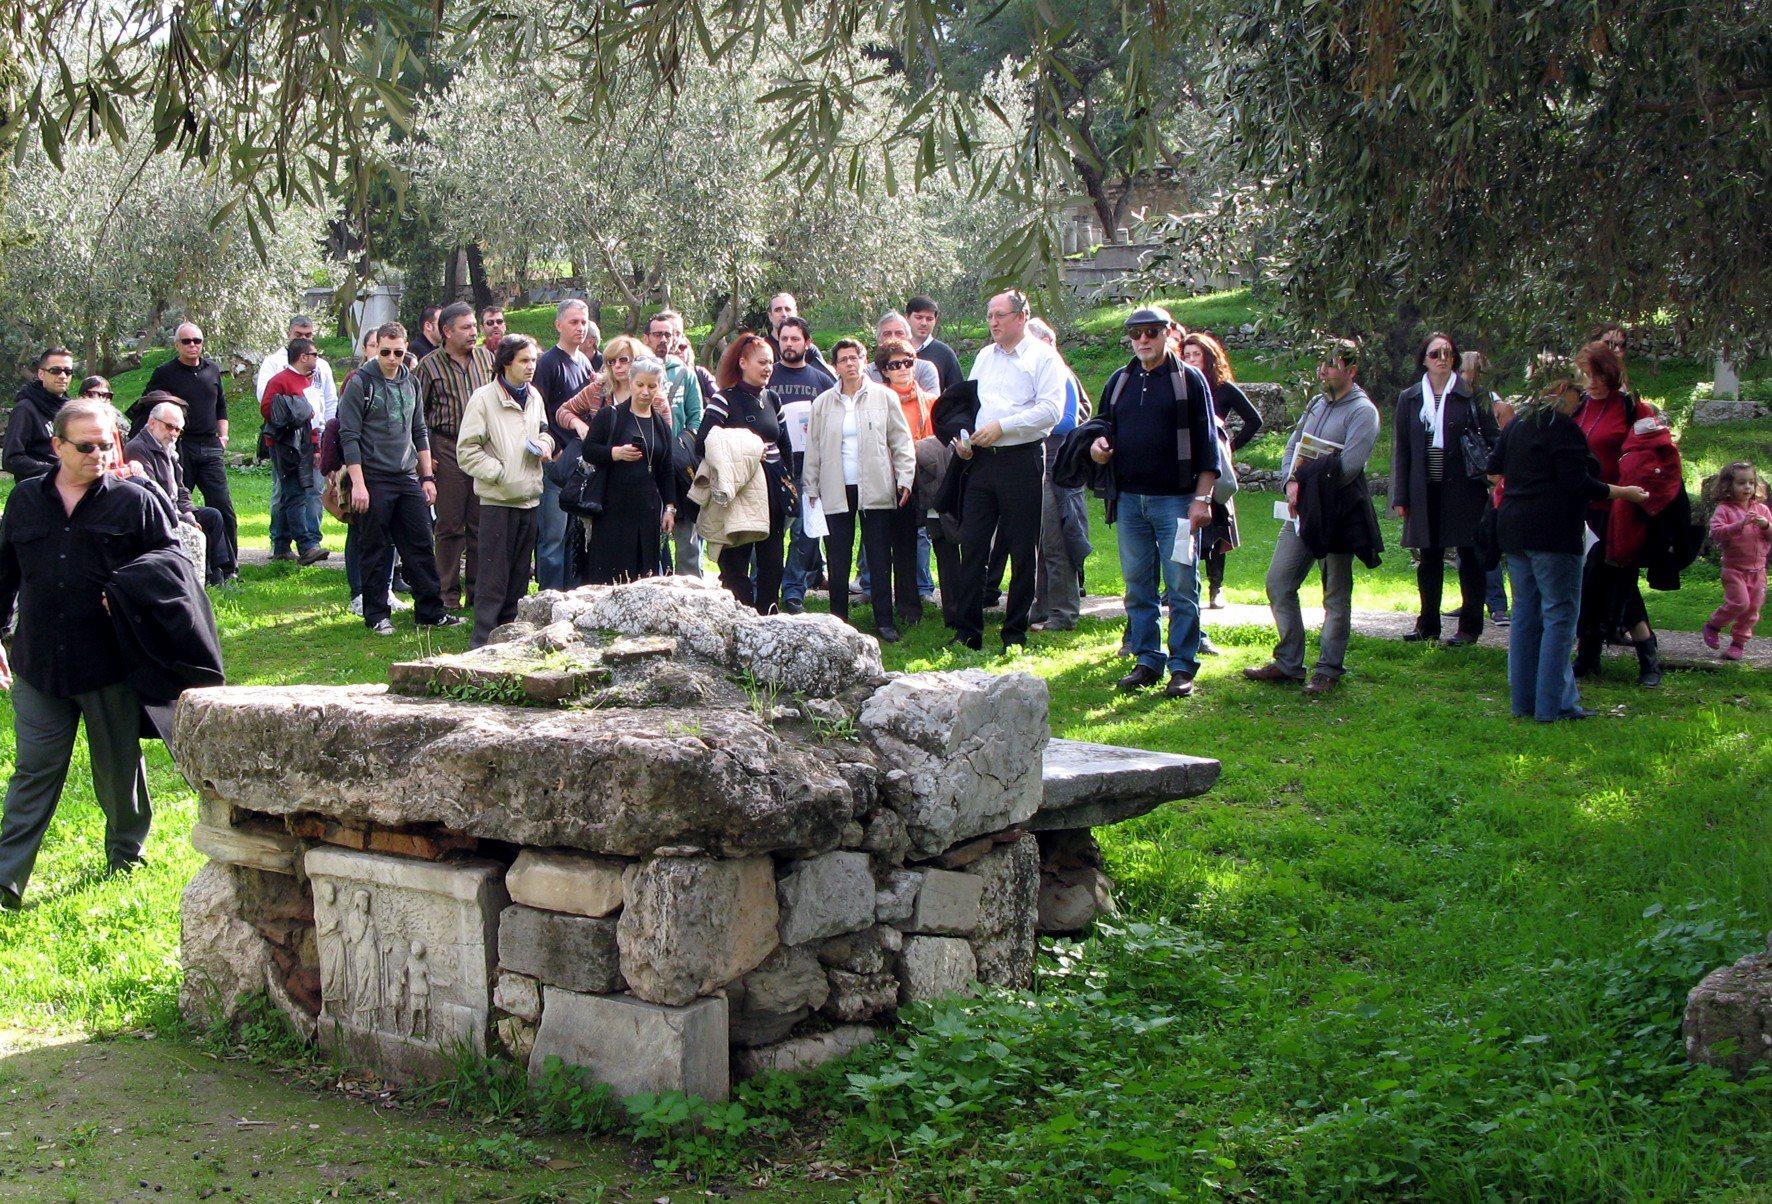 Altar am Heiligtum der Hekate bei Keramikos. Ο βωμός της Εκάτης στον Κεραμεικό